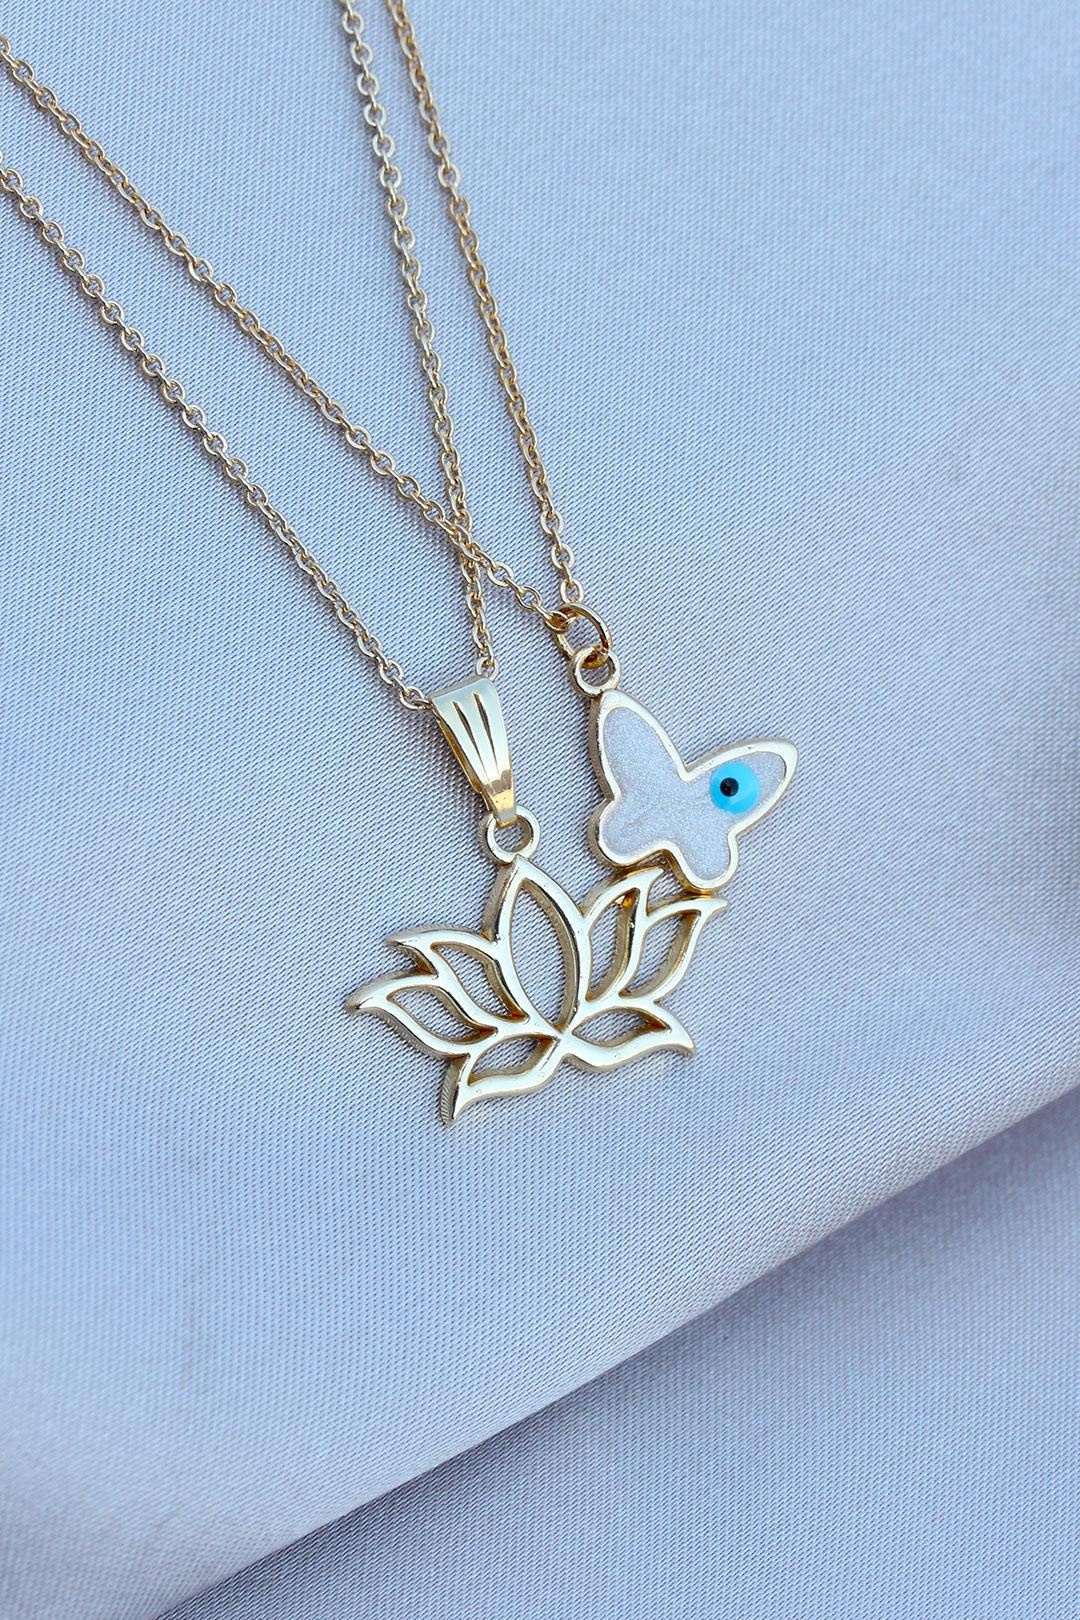 Kelebek ve Lotus Tasarımlı Çift Zincir Kolye